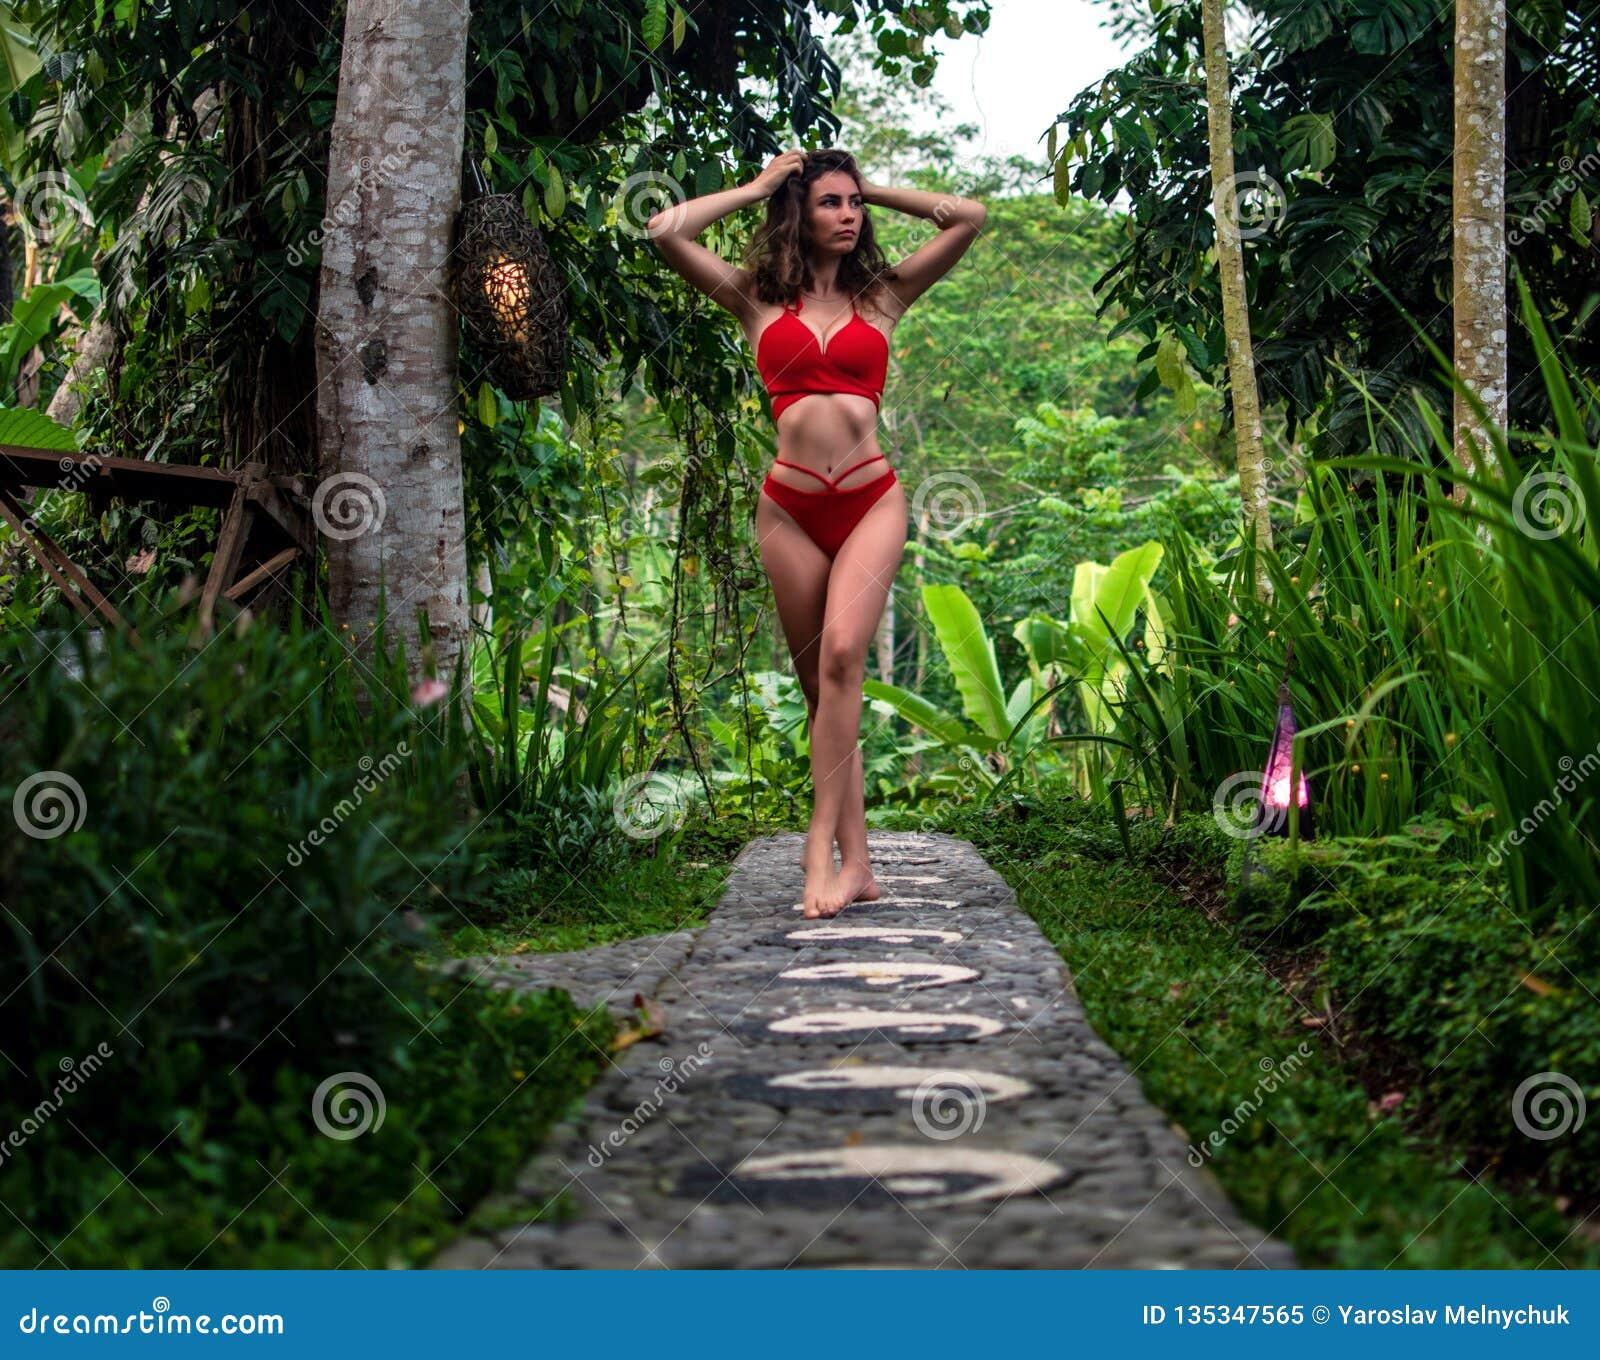 Härlig flicka i den röda baddräkten som poserar i tropiskt läge med gröna träd Unga sportar modellerar i bikini med perfekt